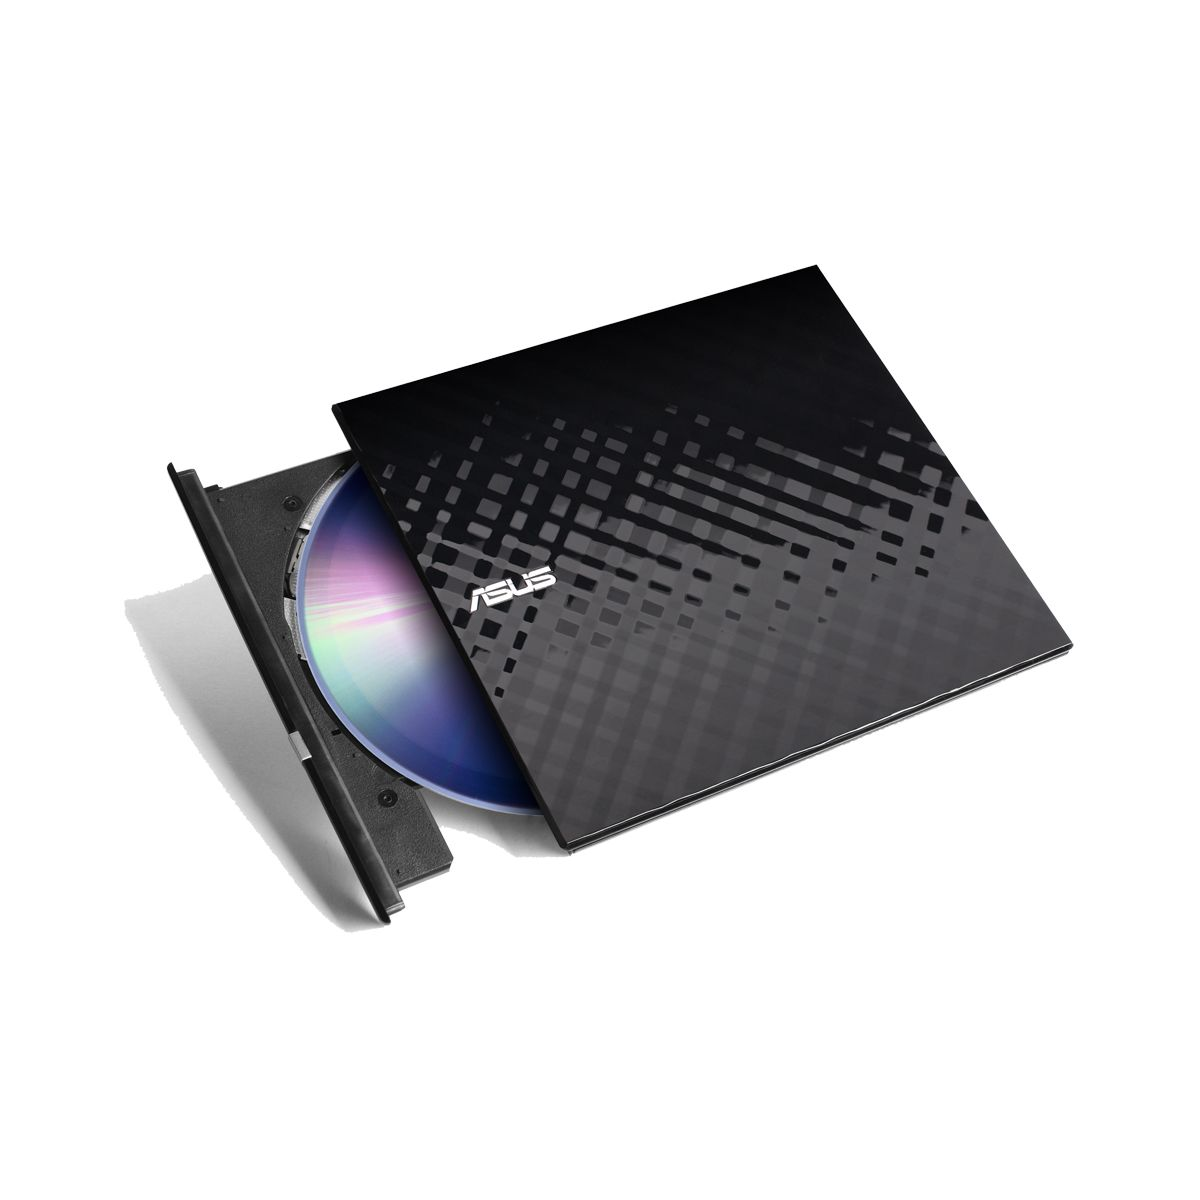 Graveur DVD Externe ASUS ext SDRW-08D2S-U LITE/BLK/G/AS (photo)